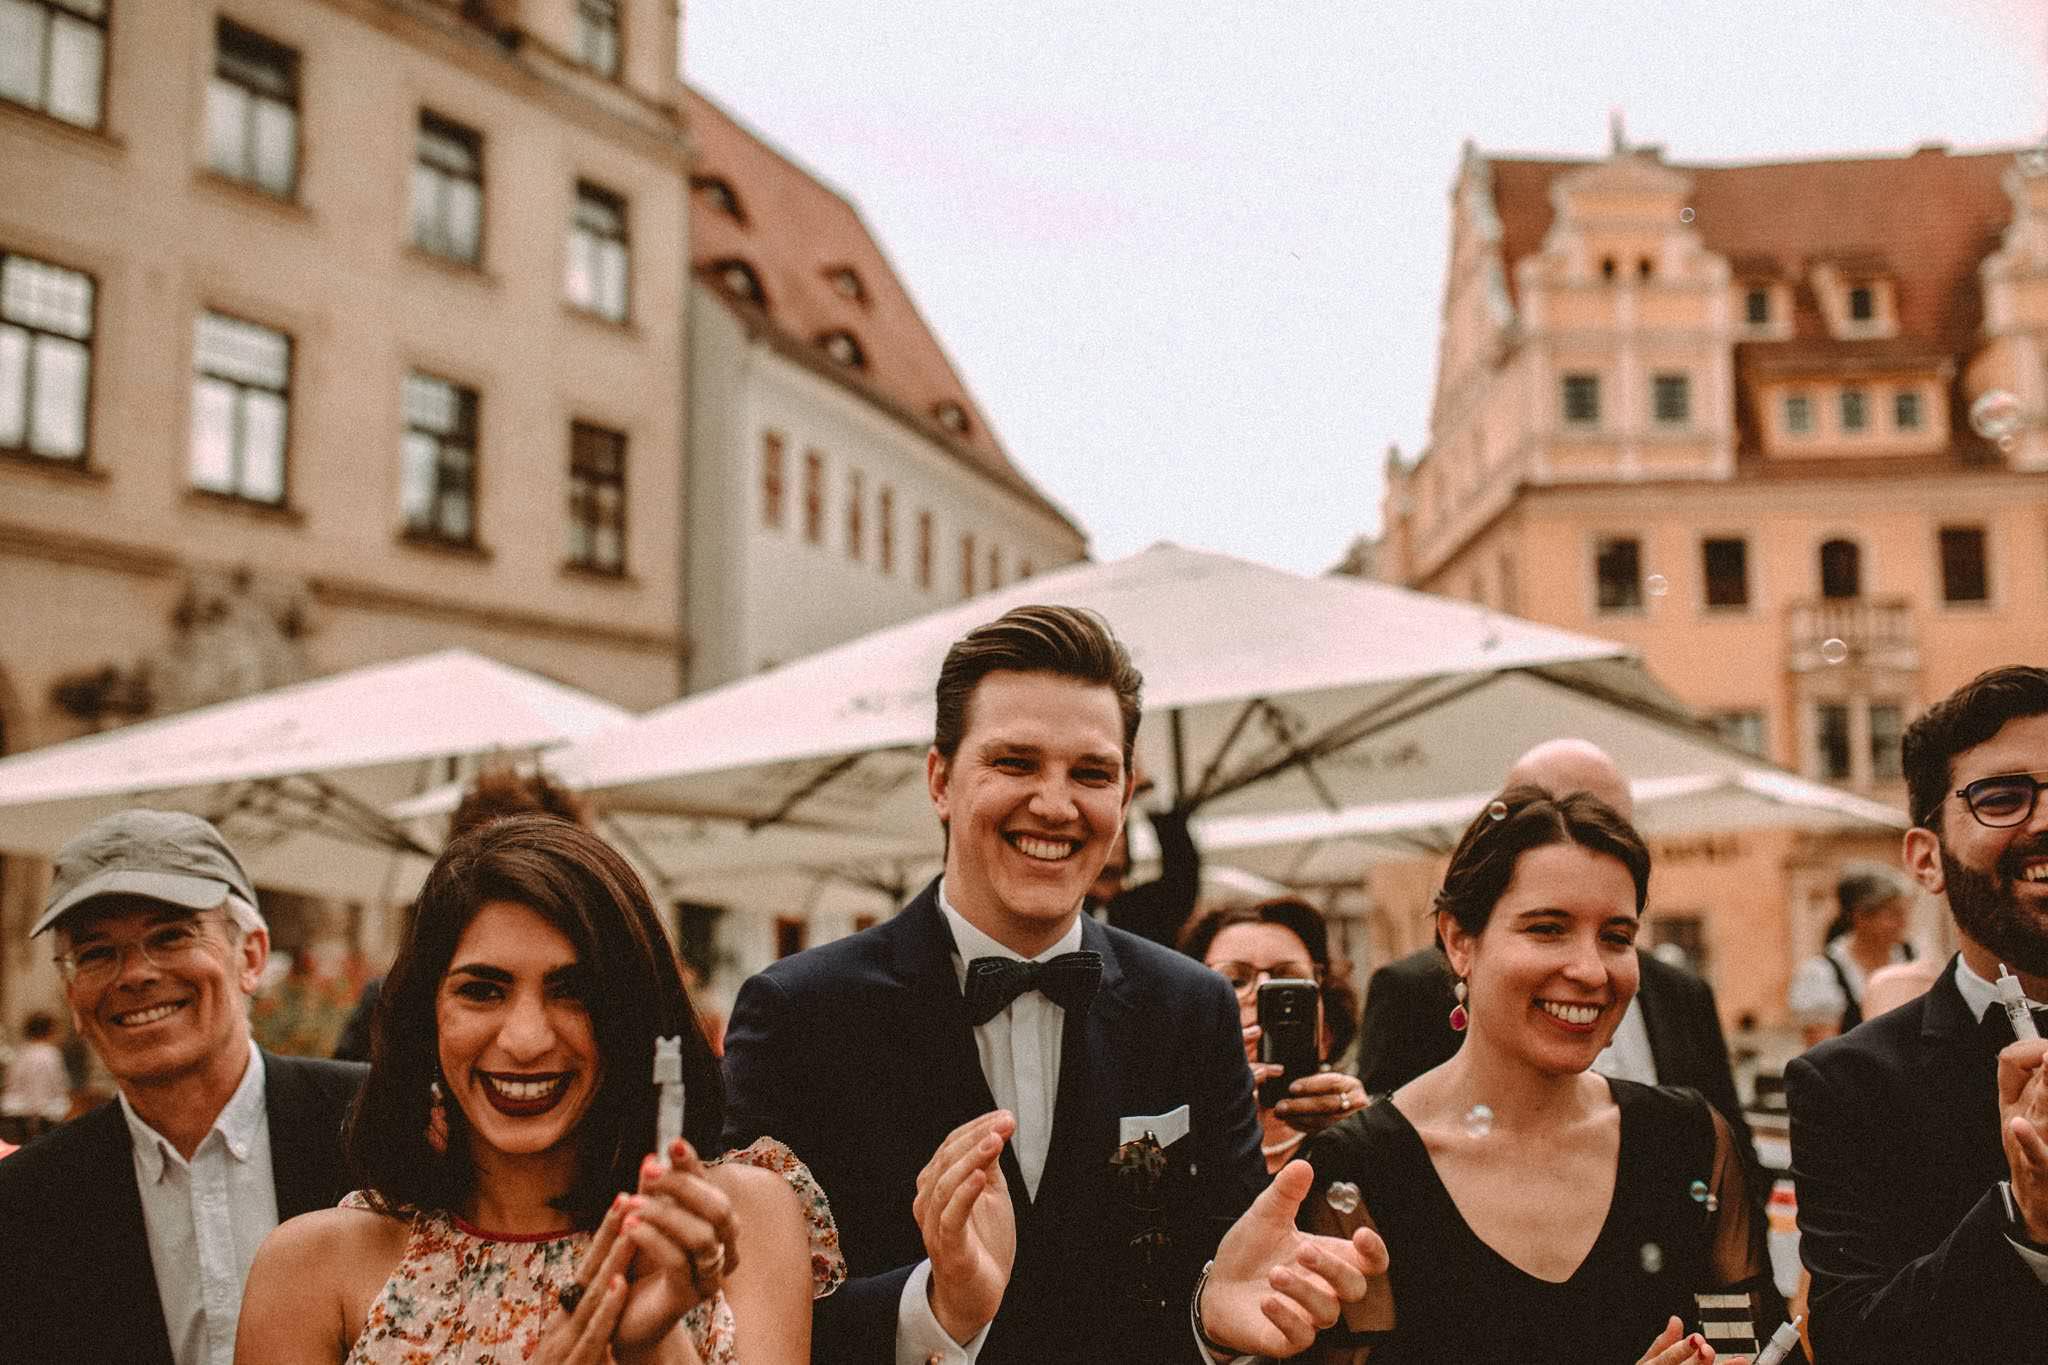 Beste_Hochzeitsfotografen_Ostsee_Grandhotel_Heiligendamm062